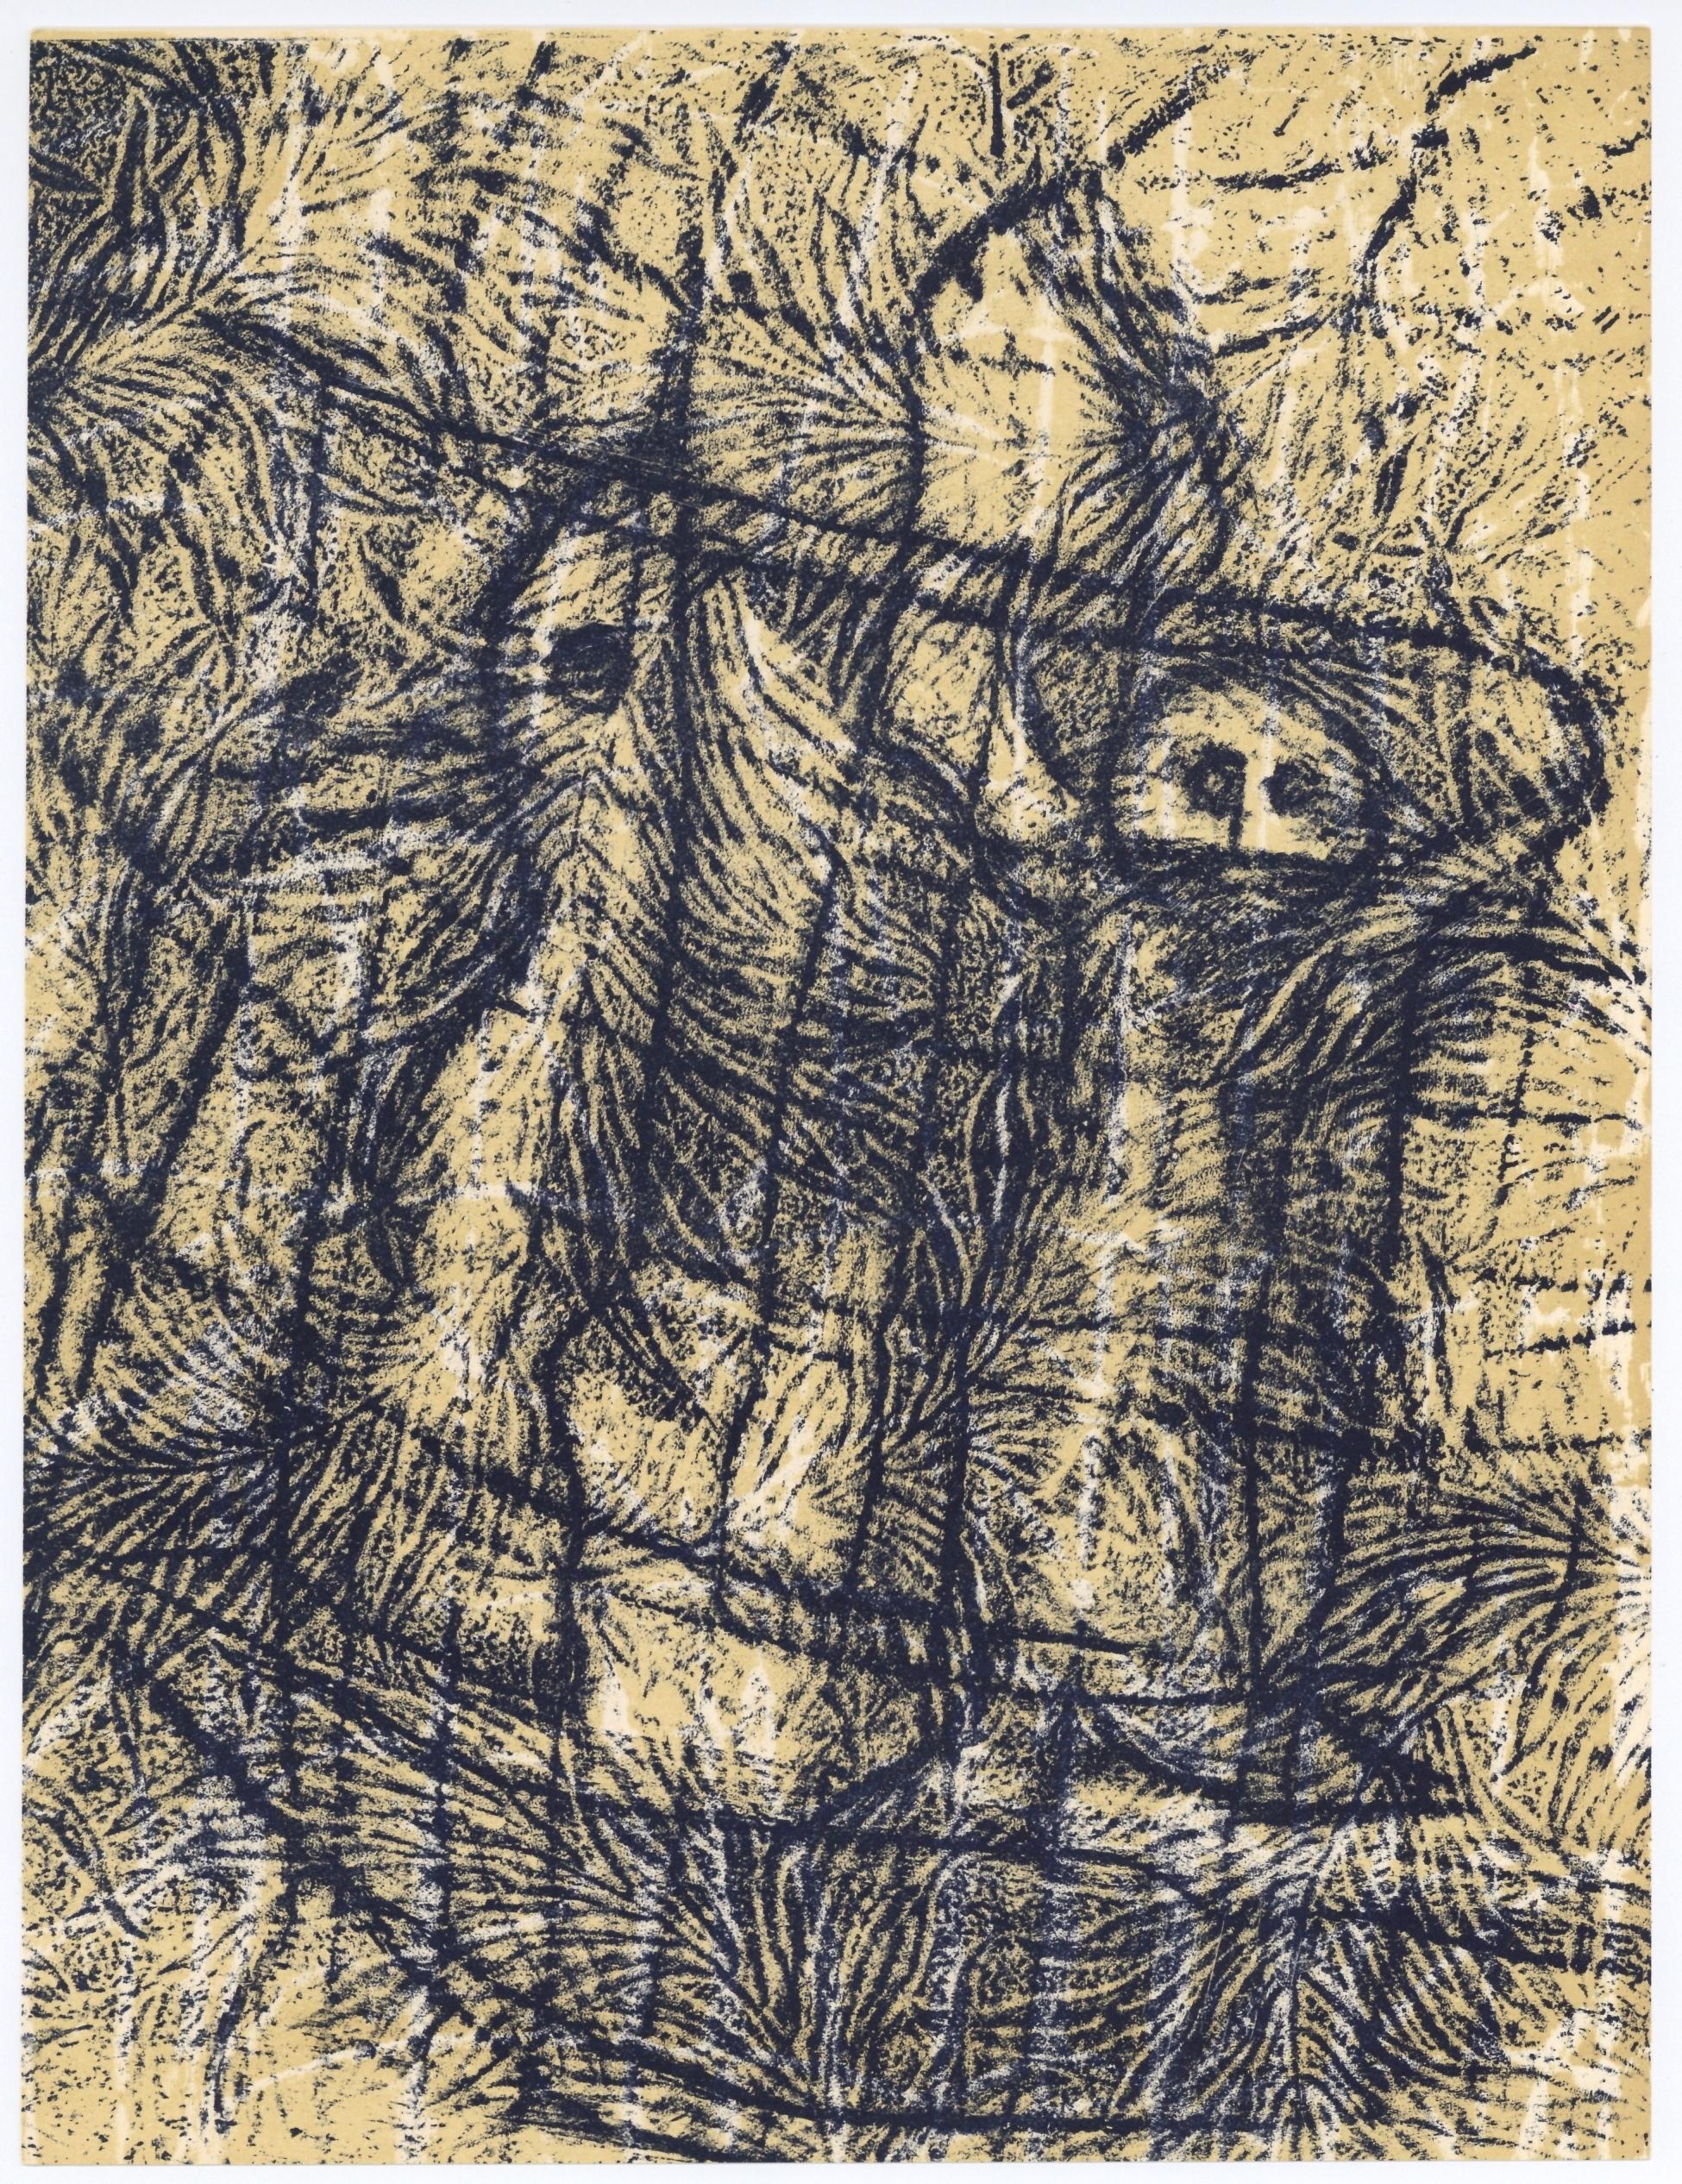 Max Ernst-Un Chant d'Amour 1958